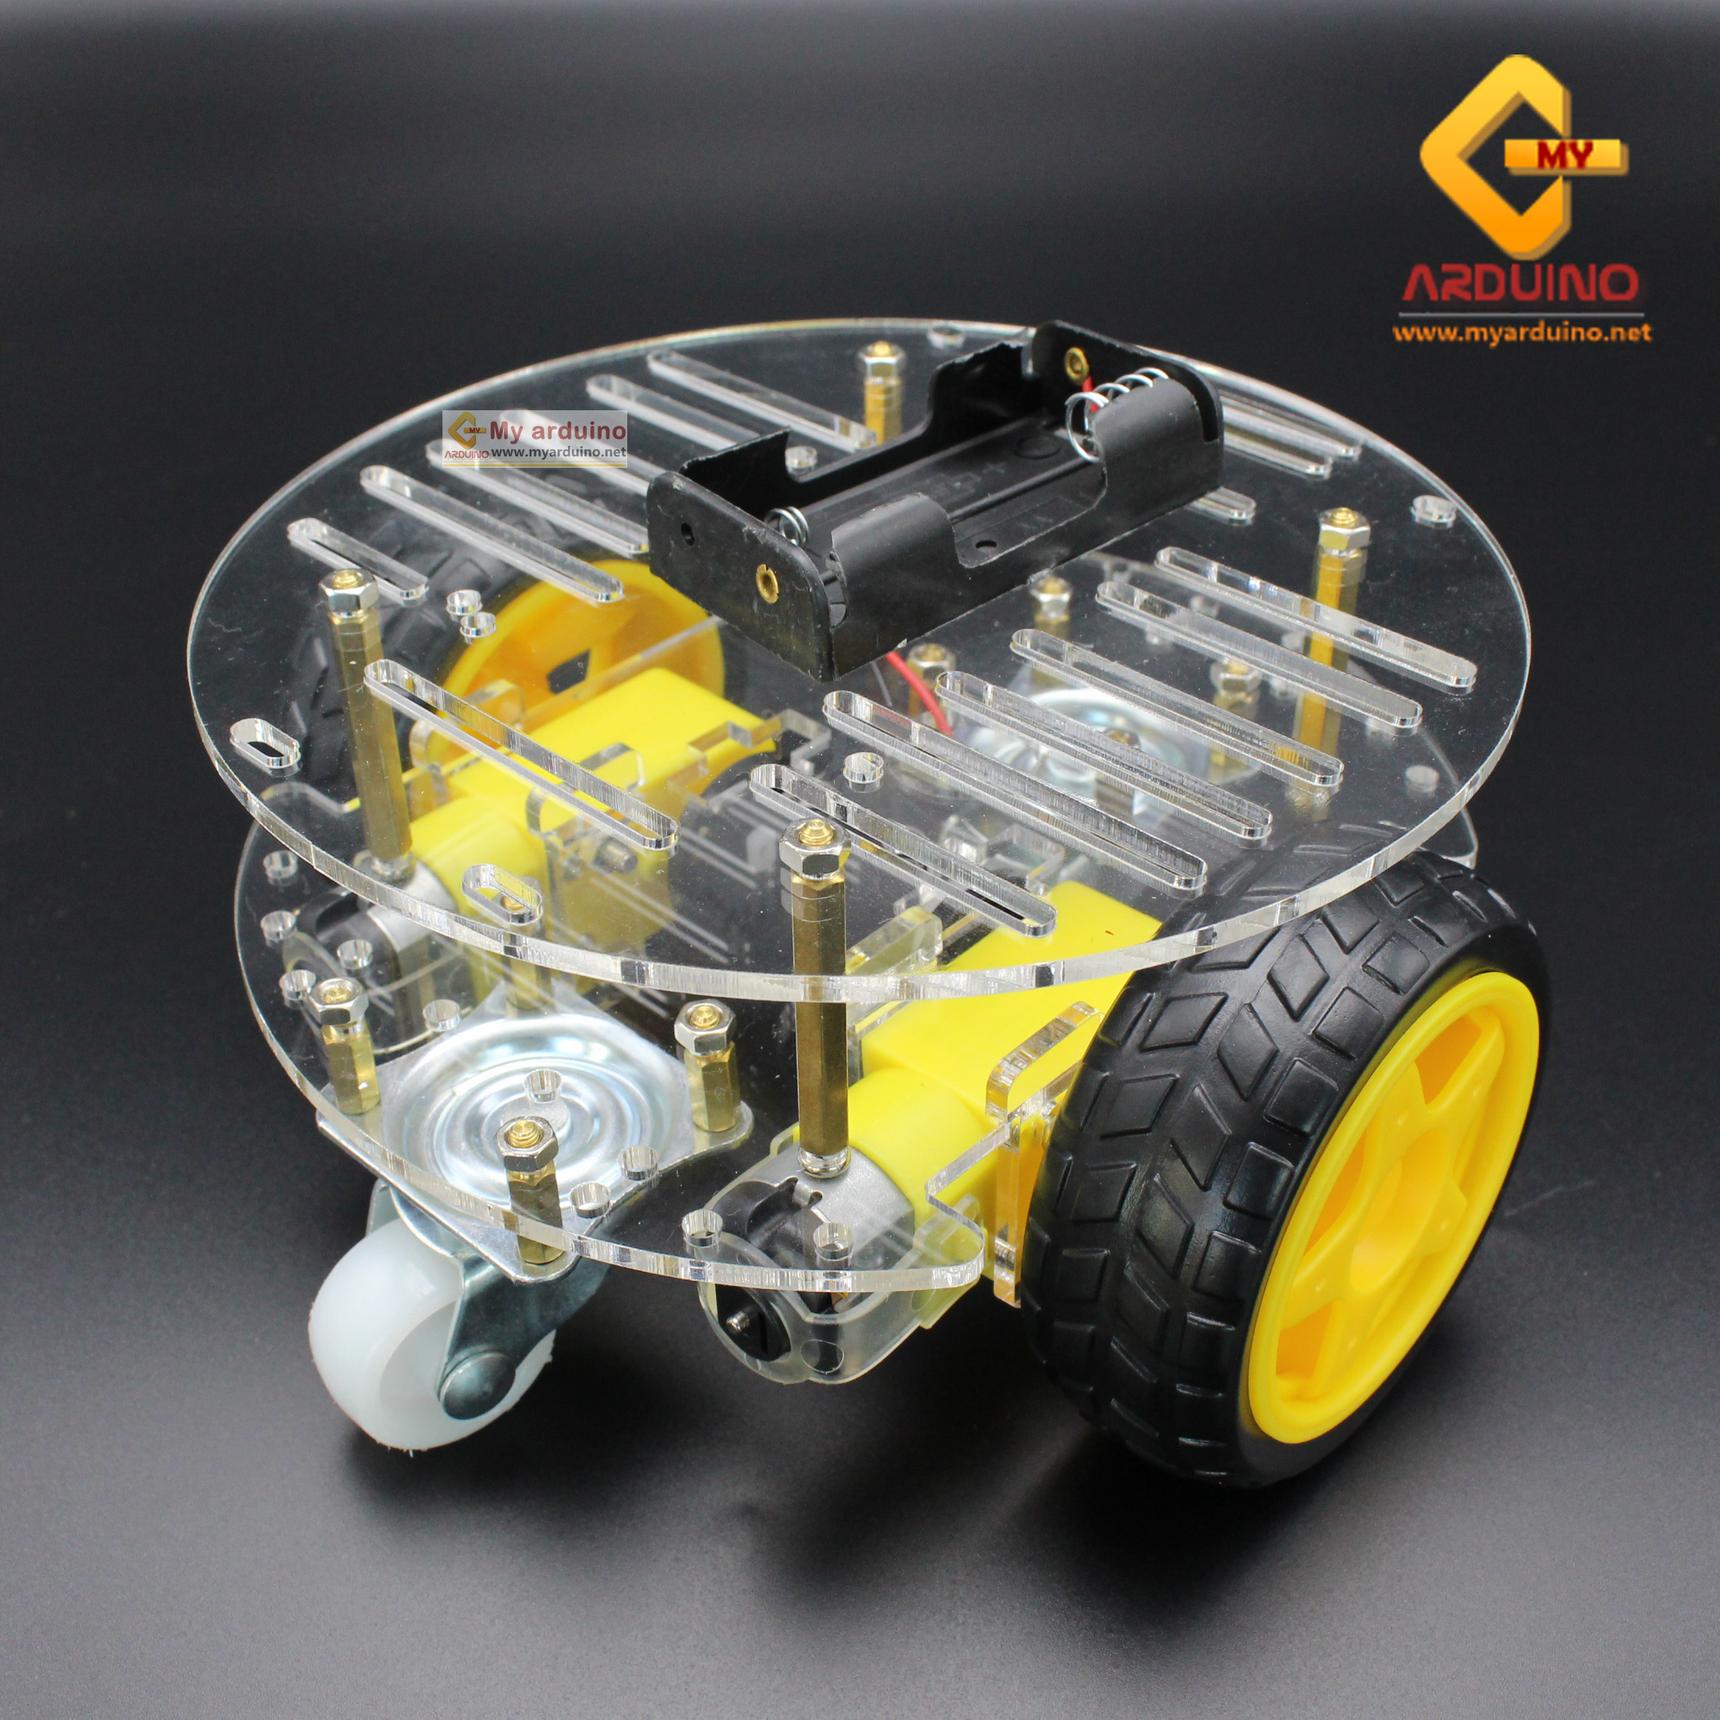 โครงรถ หุ่นยนต์ Smart Car Chassis 2 ชั้น